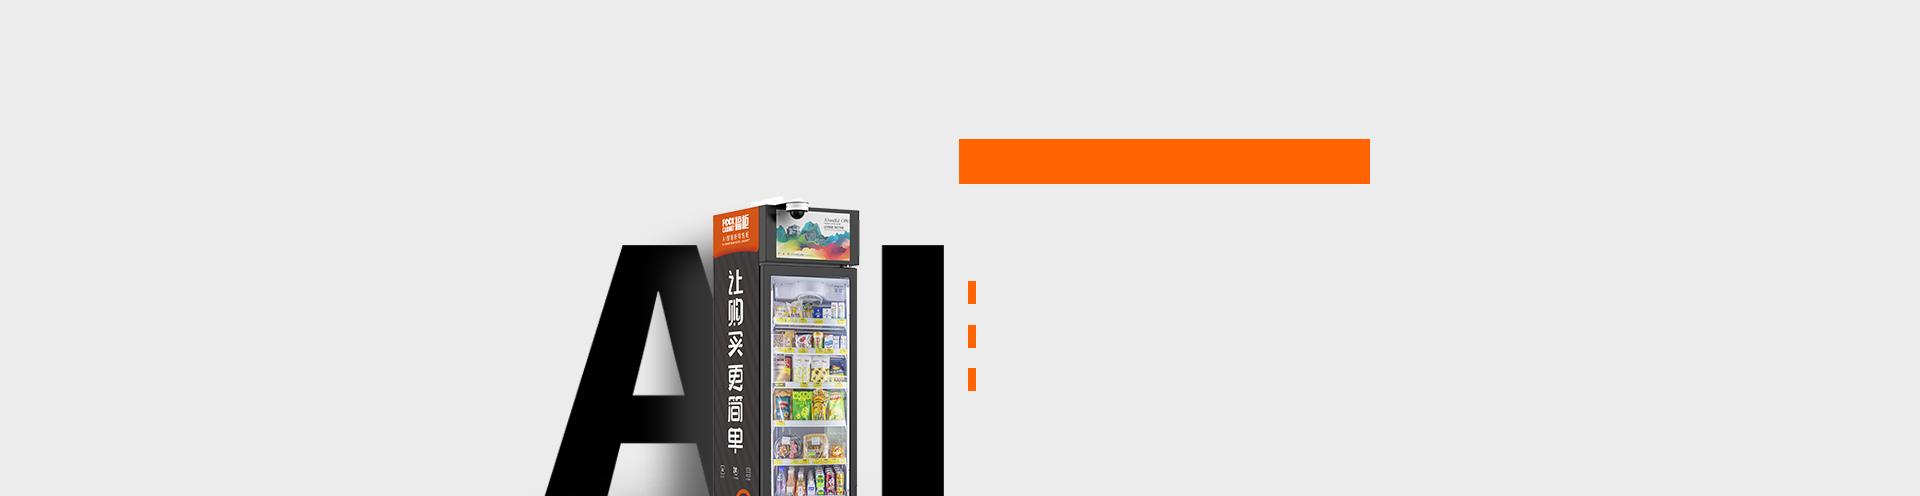 威尼斯网址注册开户撬动新零售商机的支点